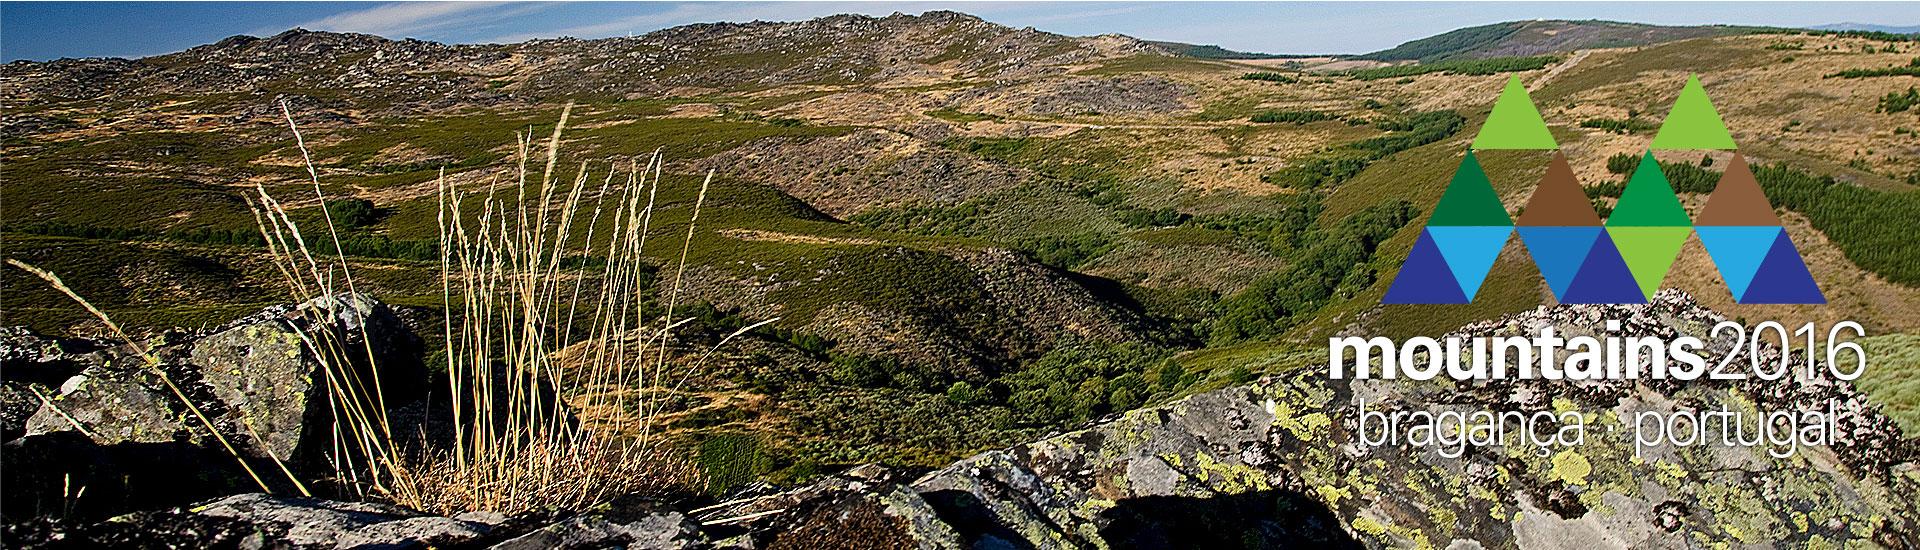 Bragança Mountains2016 banner